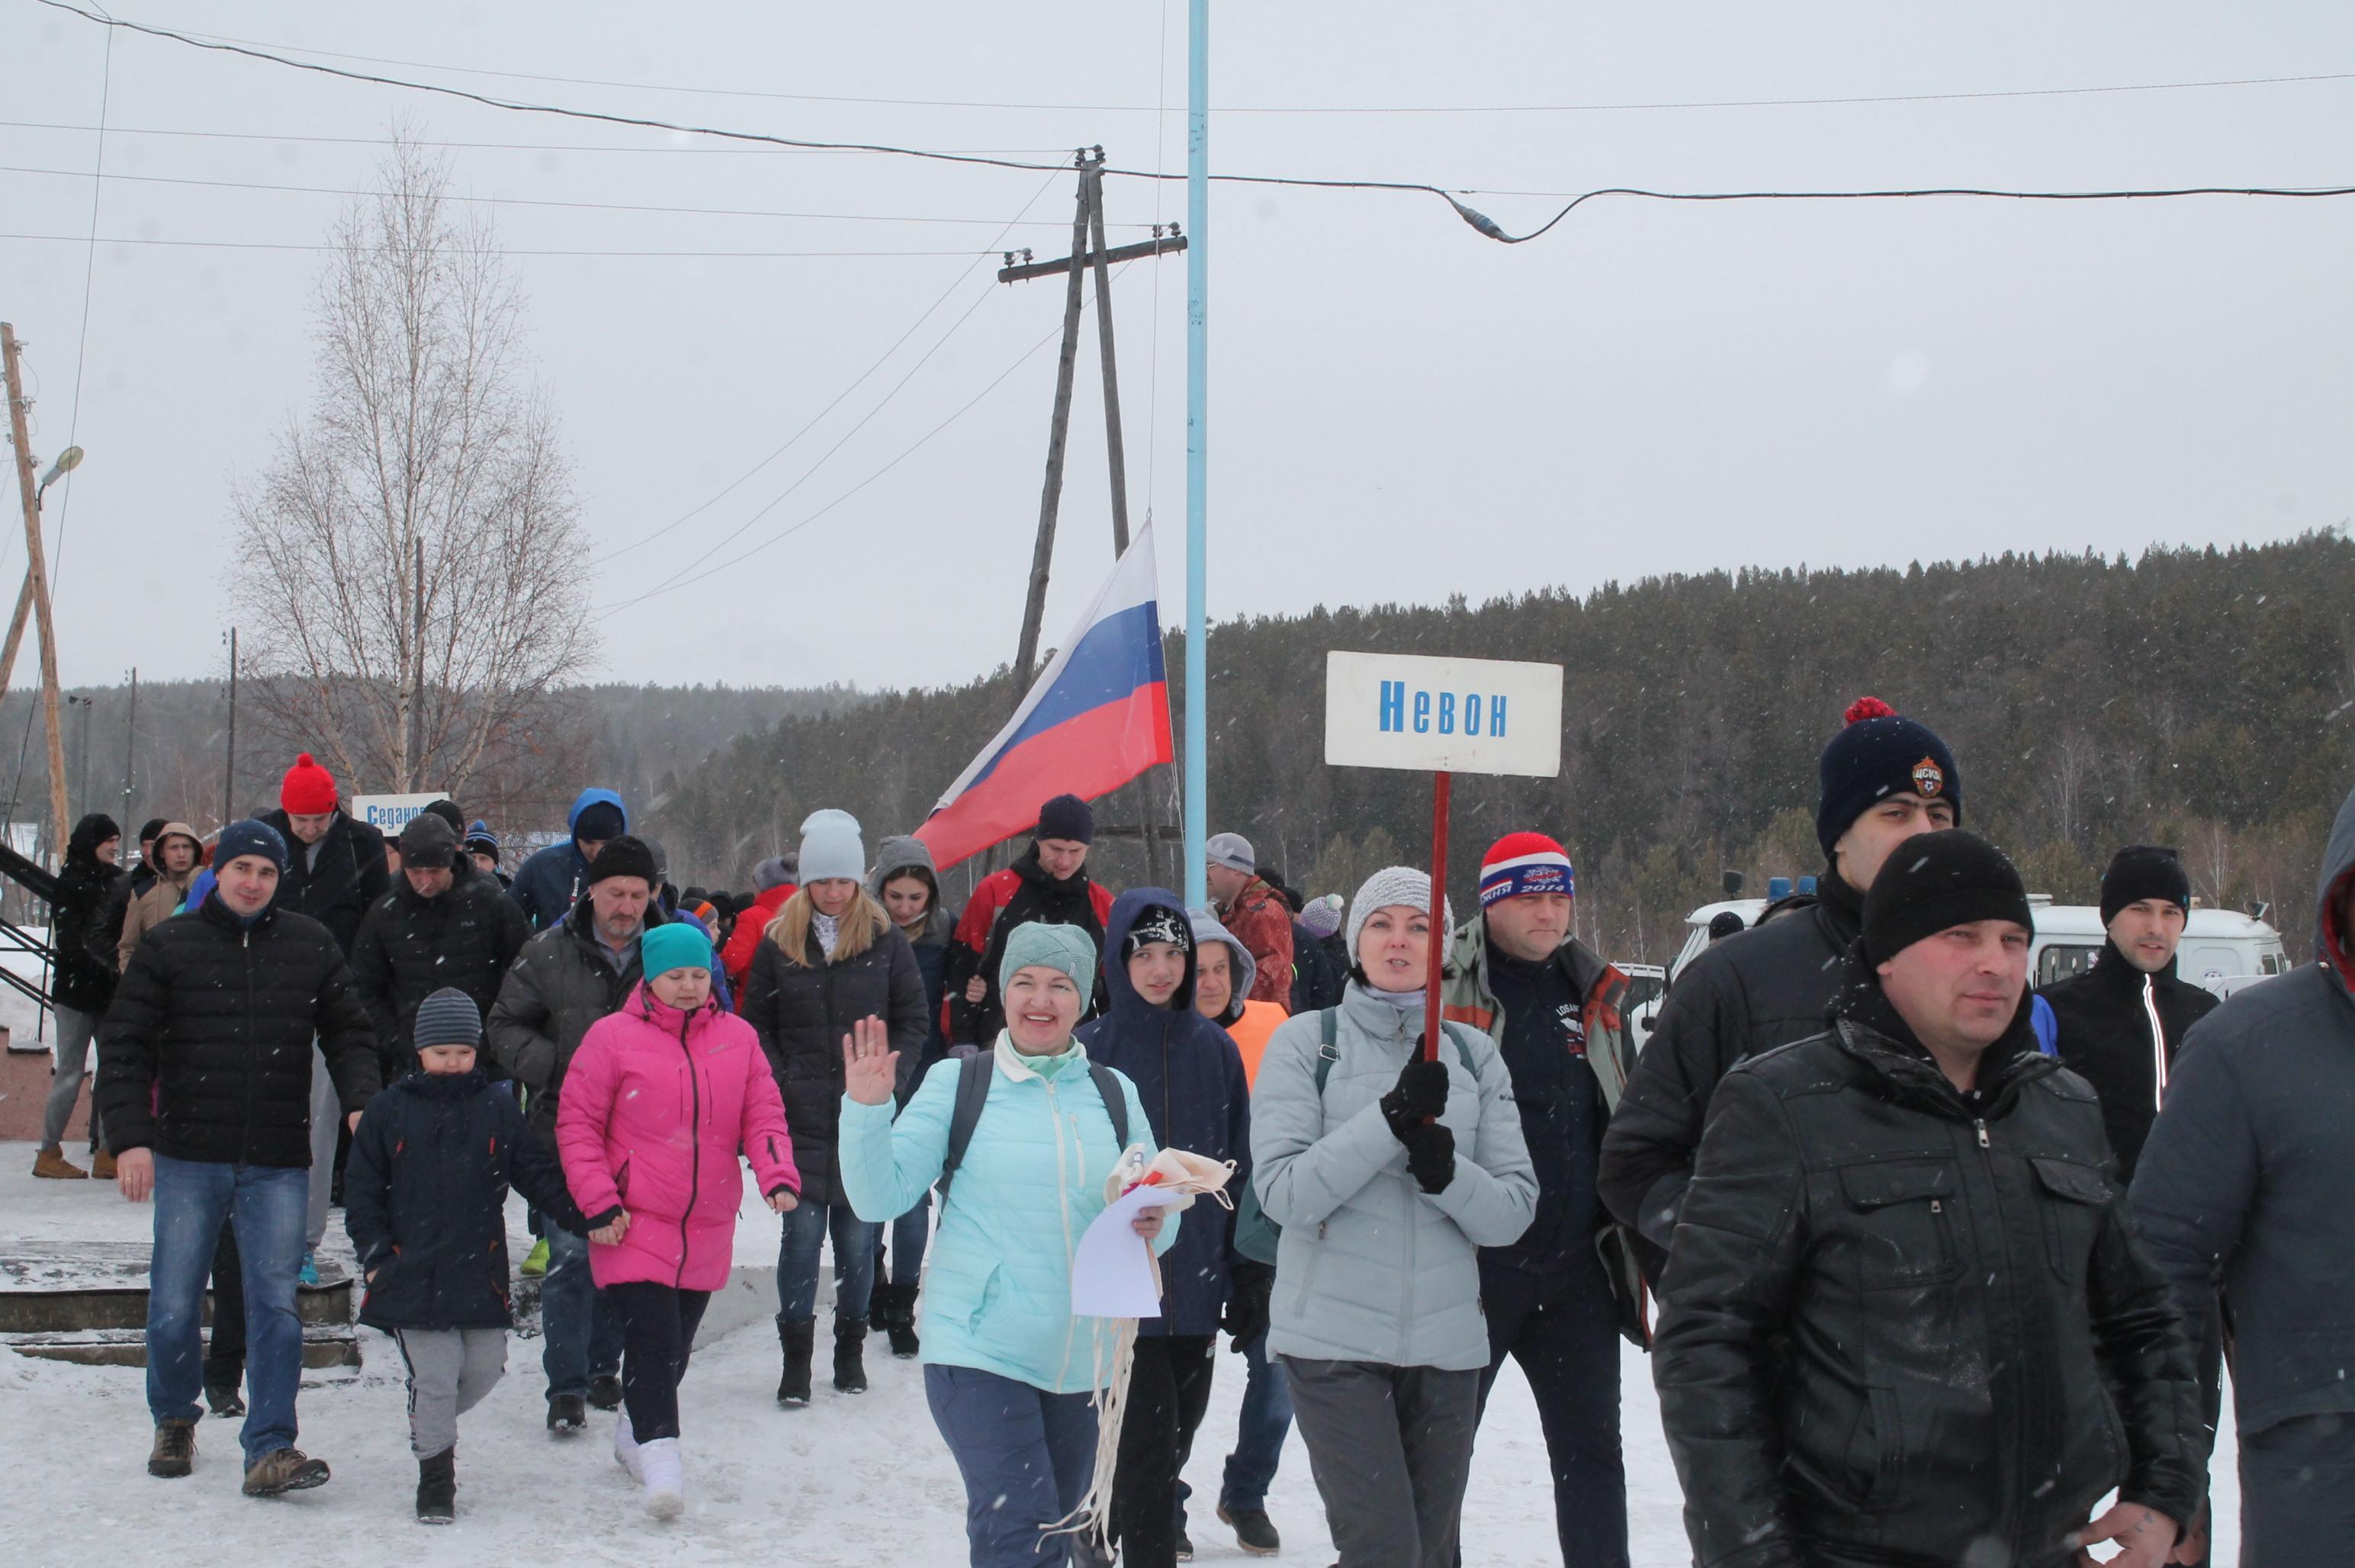 Третий год подряд кубок сельских зимних игр Железнодорожный «оставил» у себя